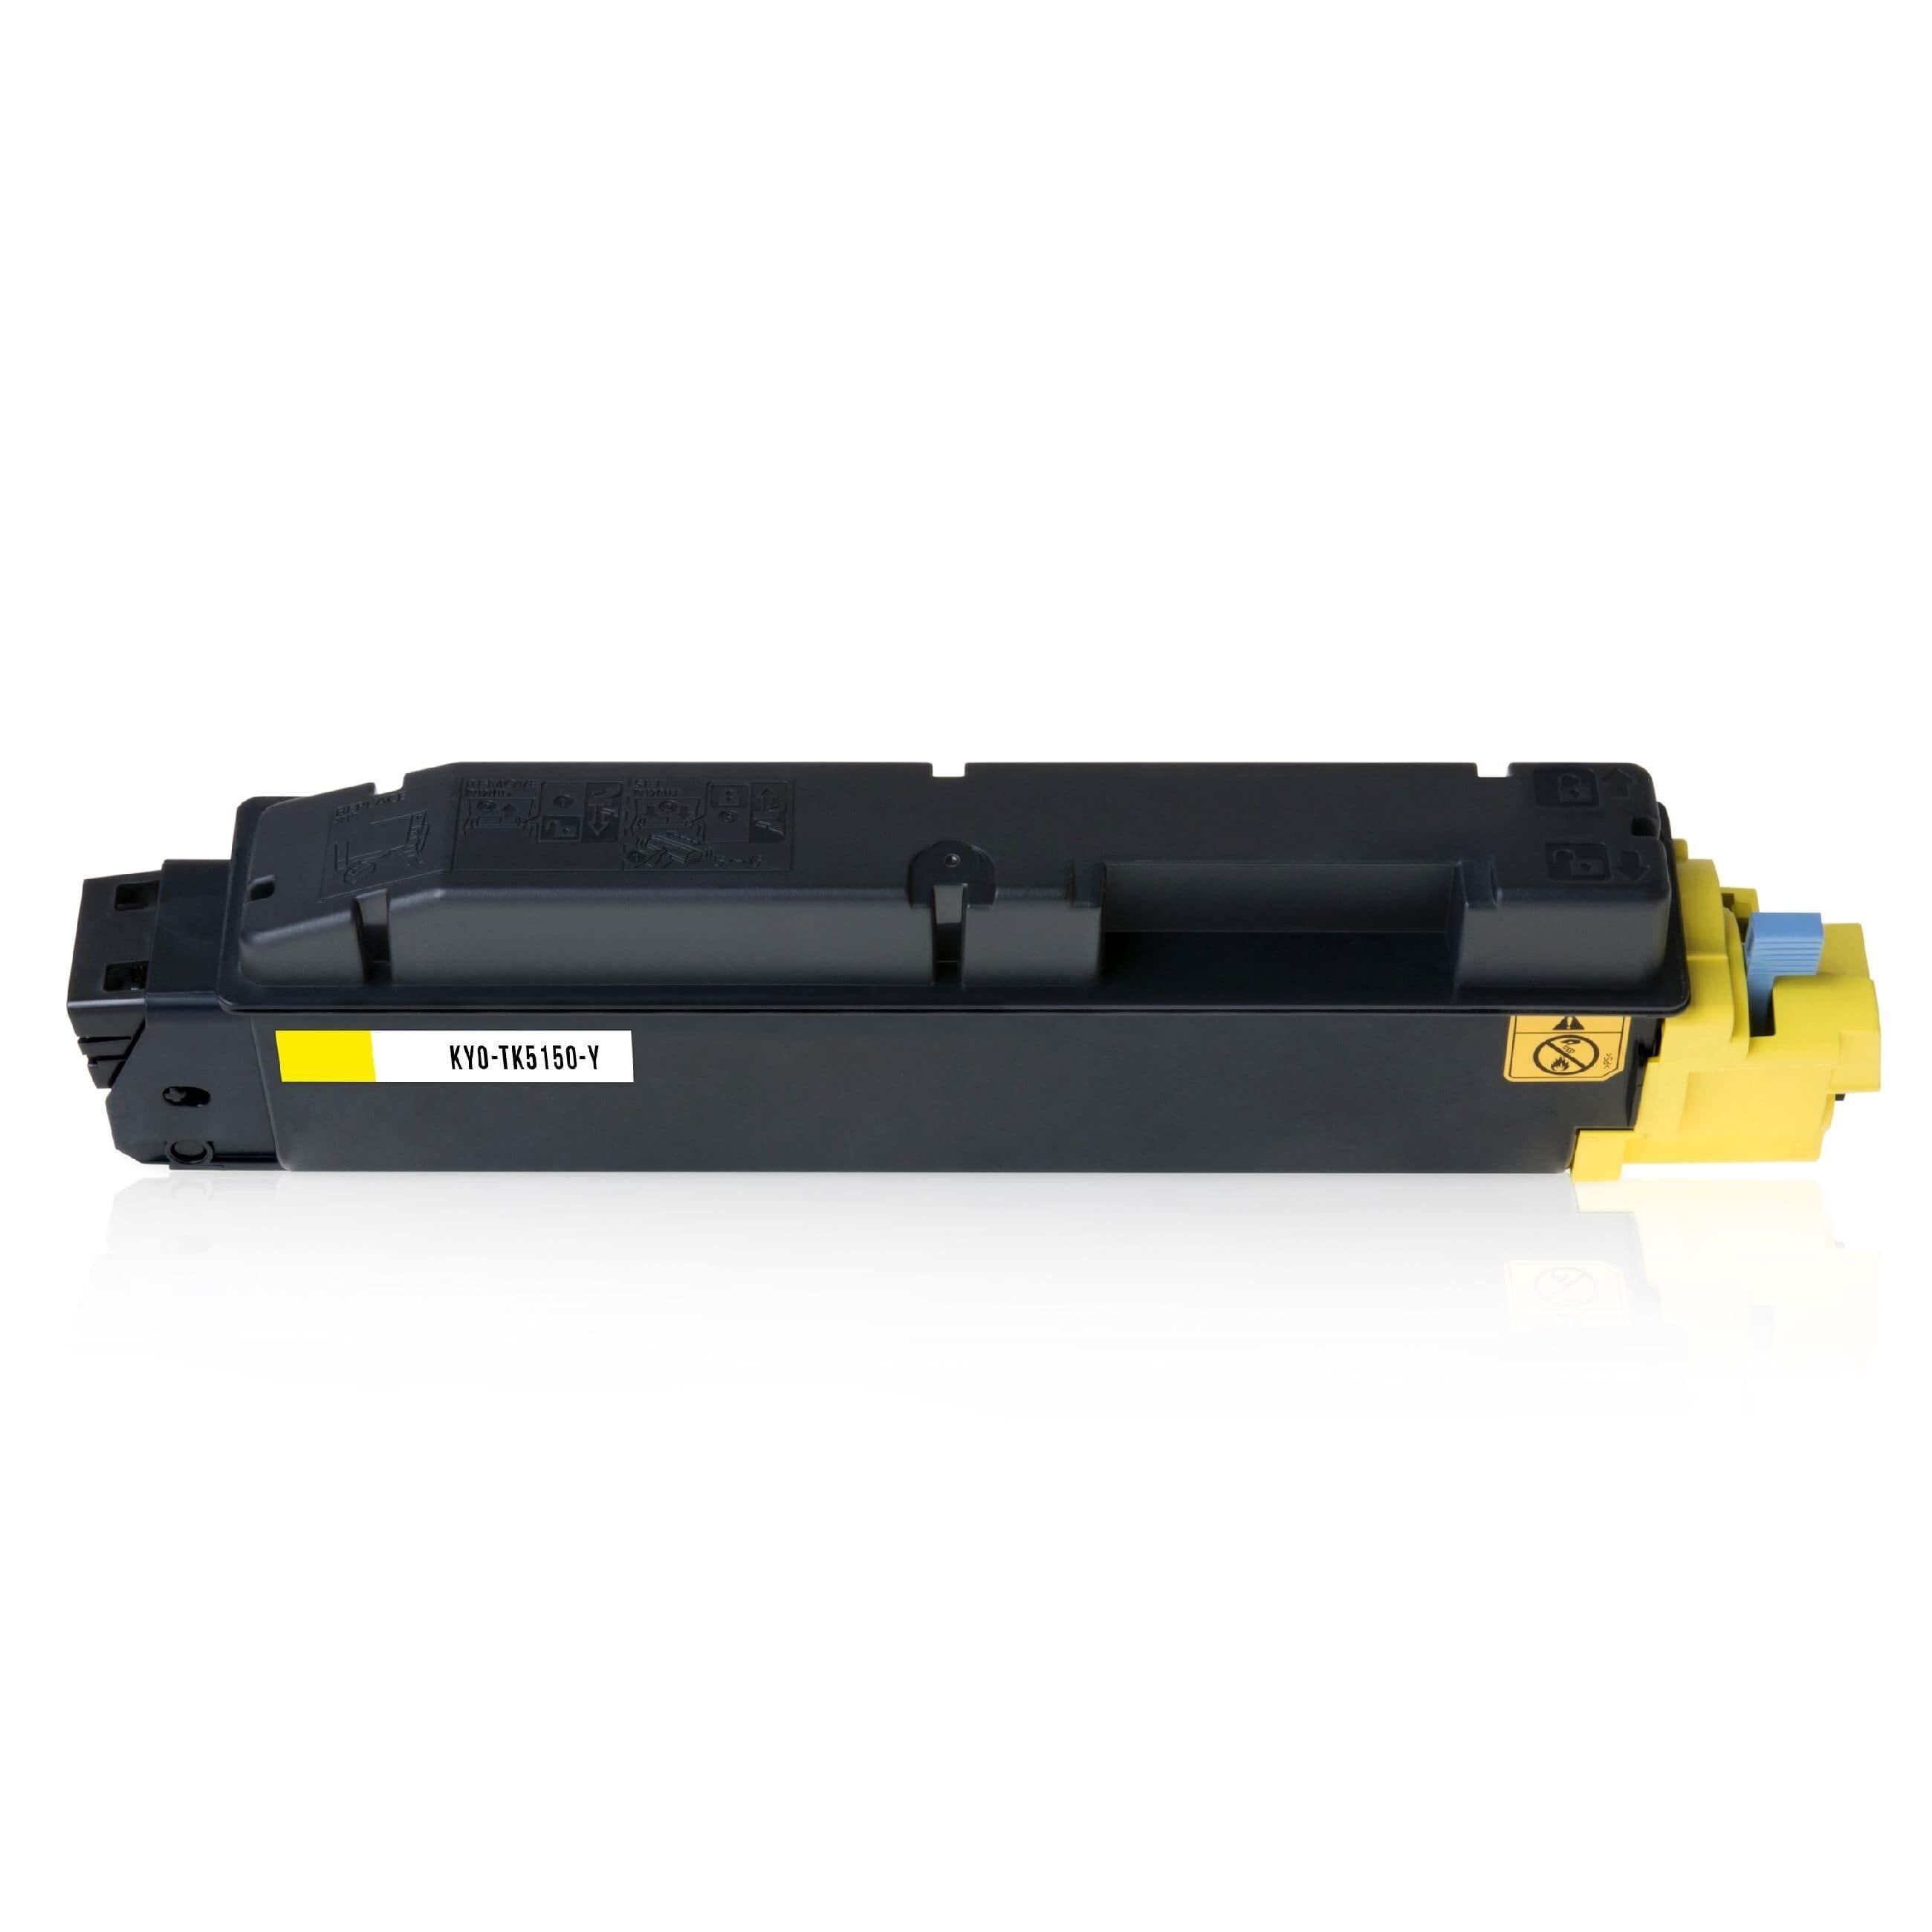 Kyocera Cartouche de Toner pour Kyocera 1T02NSANL0 / TK-5150 Y jaune compatible (de marque ASC)